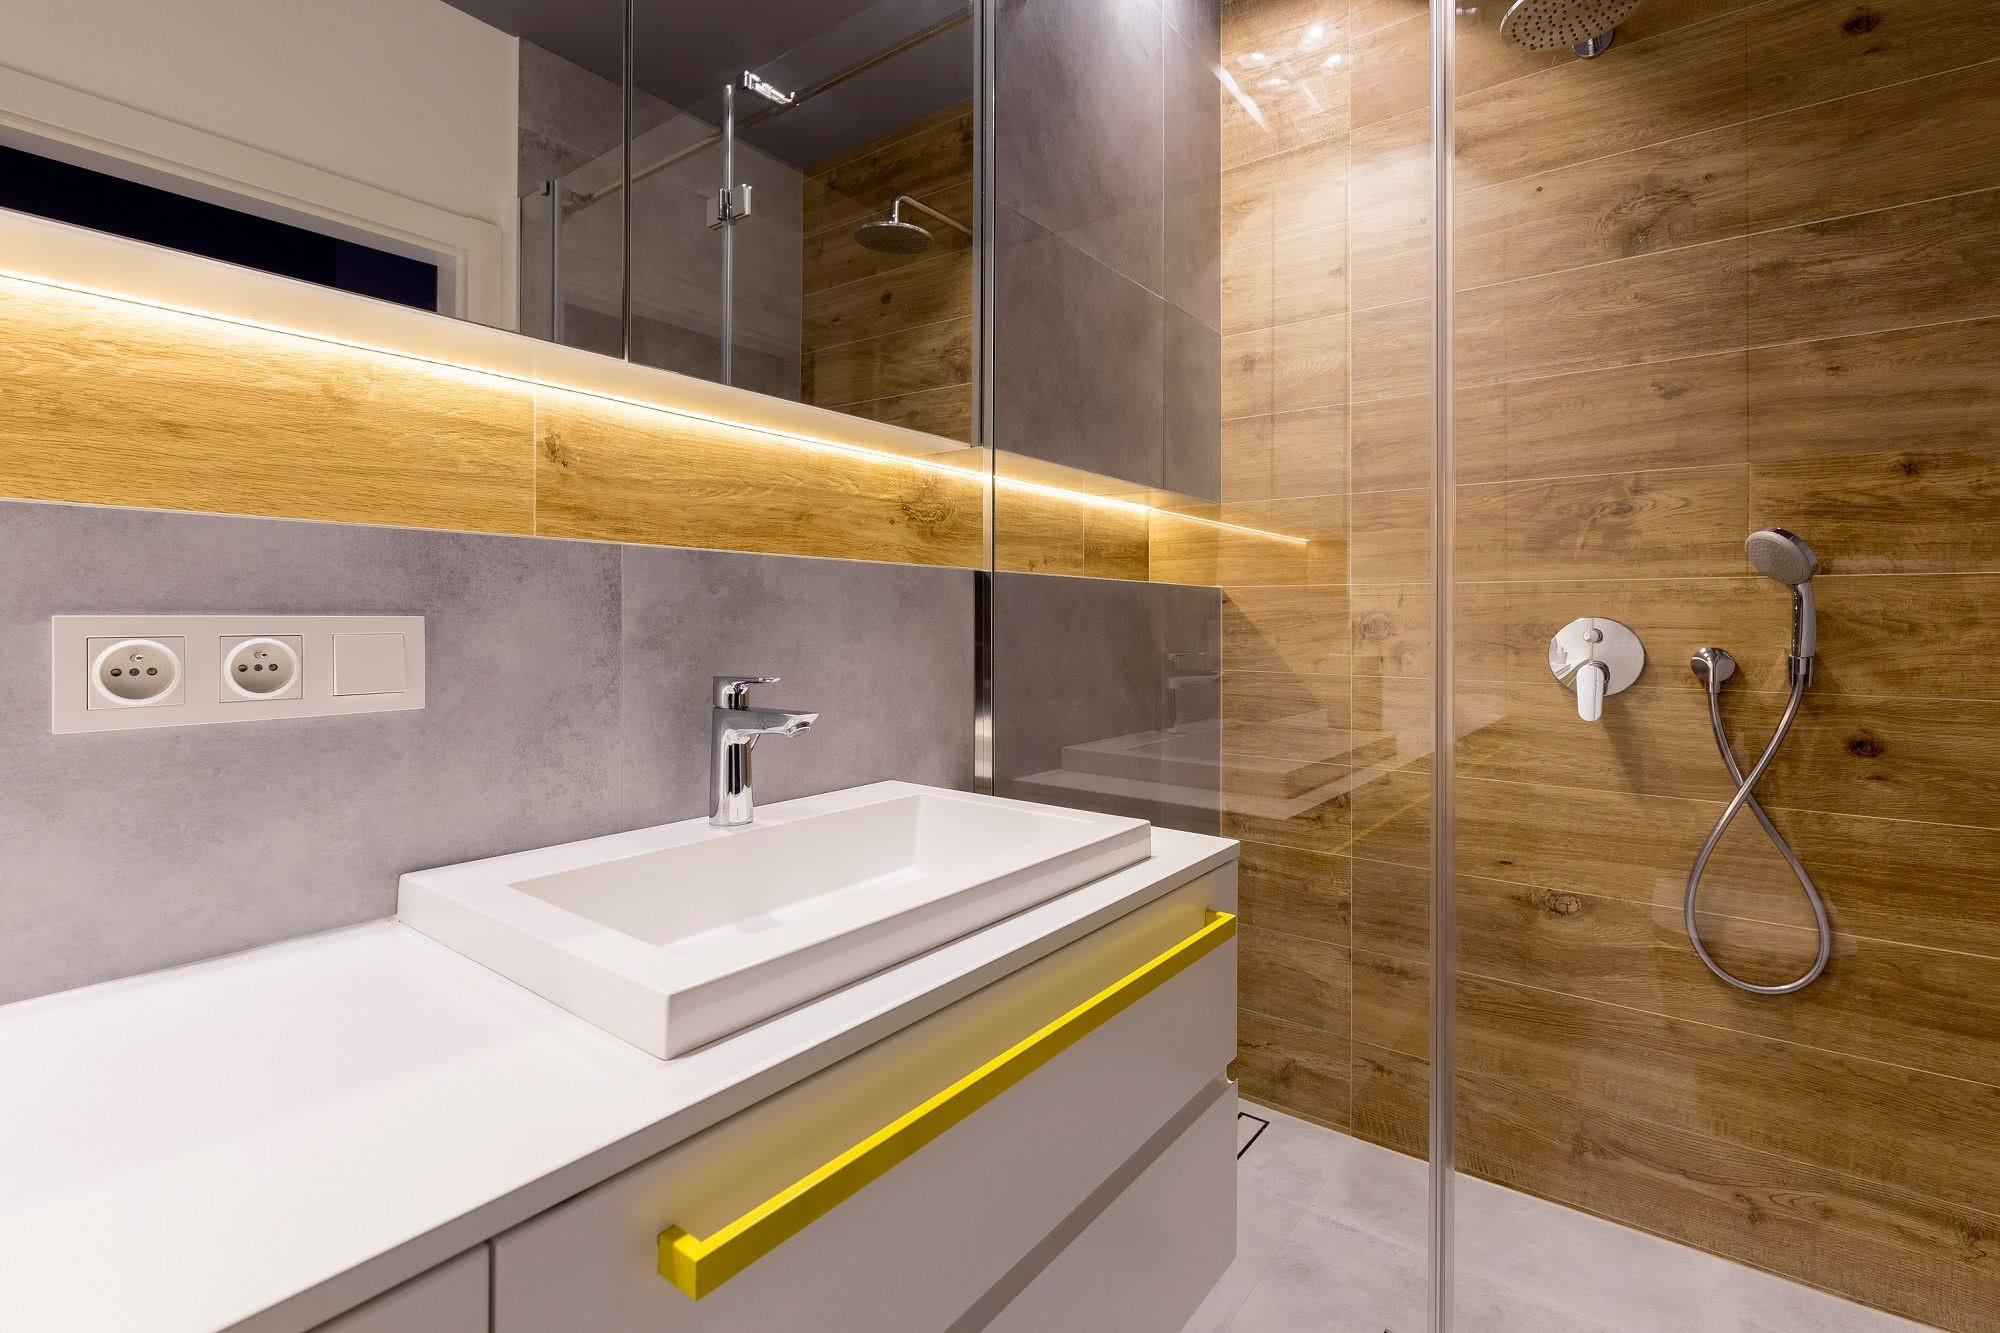 W Co Warto Zainwestować Przy Urządzaniu łazienki